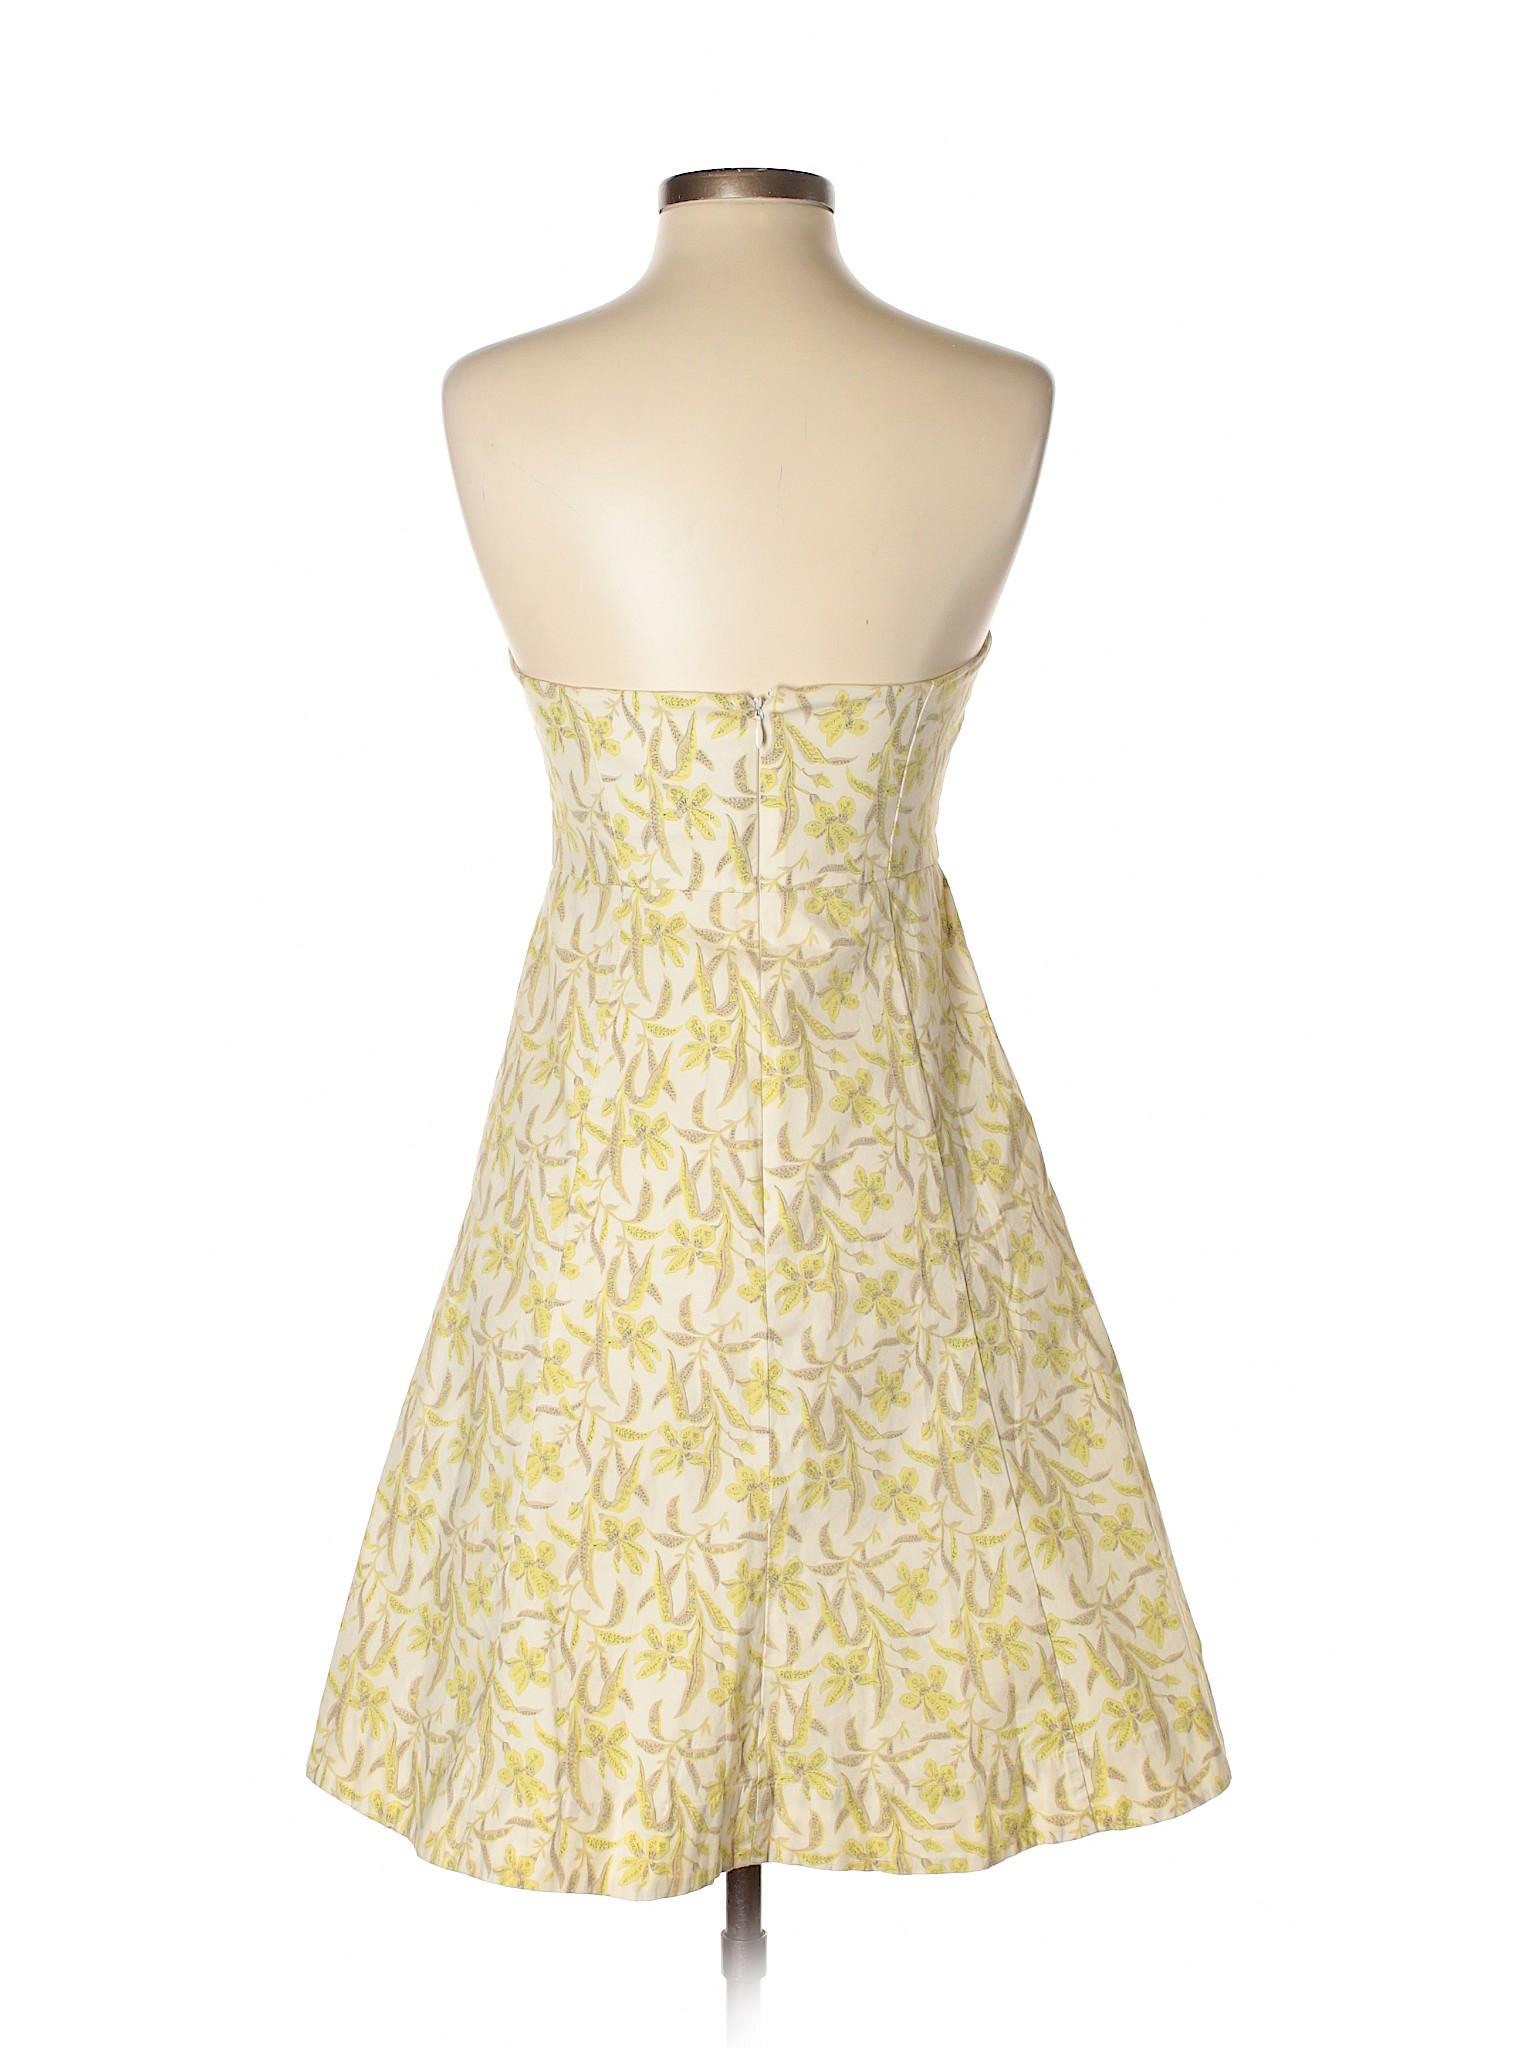 Outlet Dress Gap Casual winter Boutique 4qTwzz